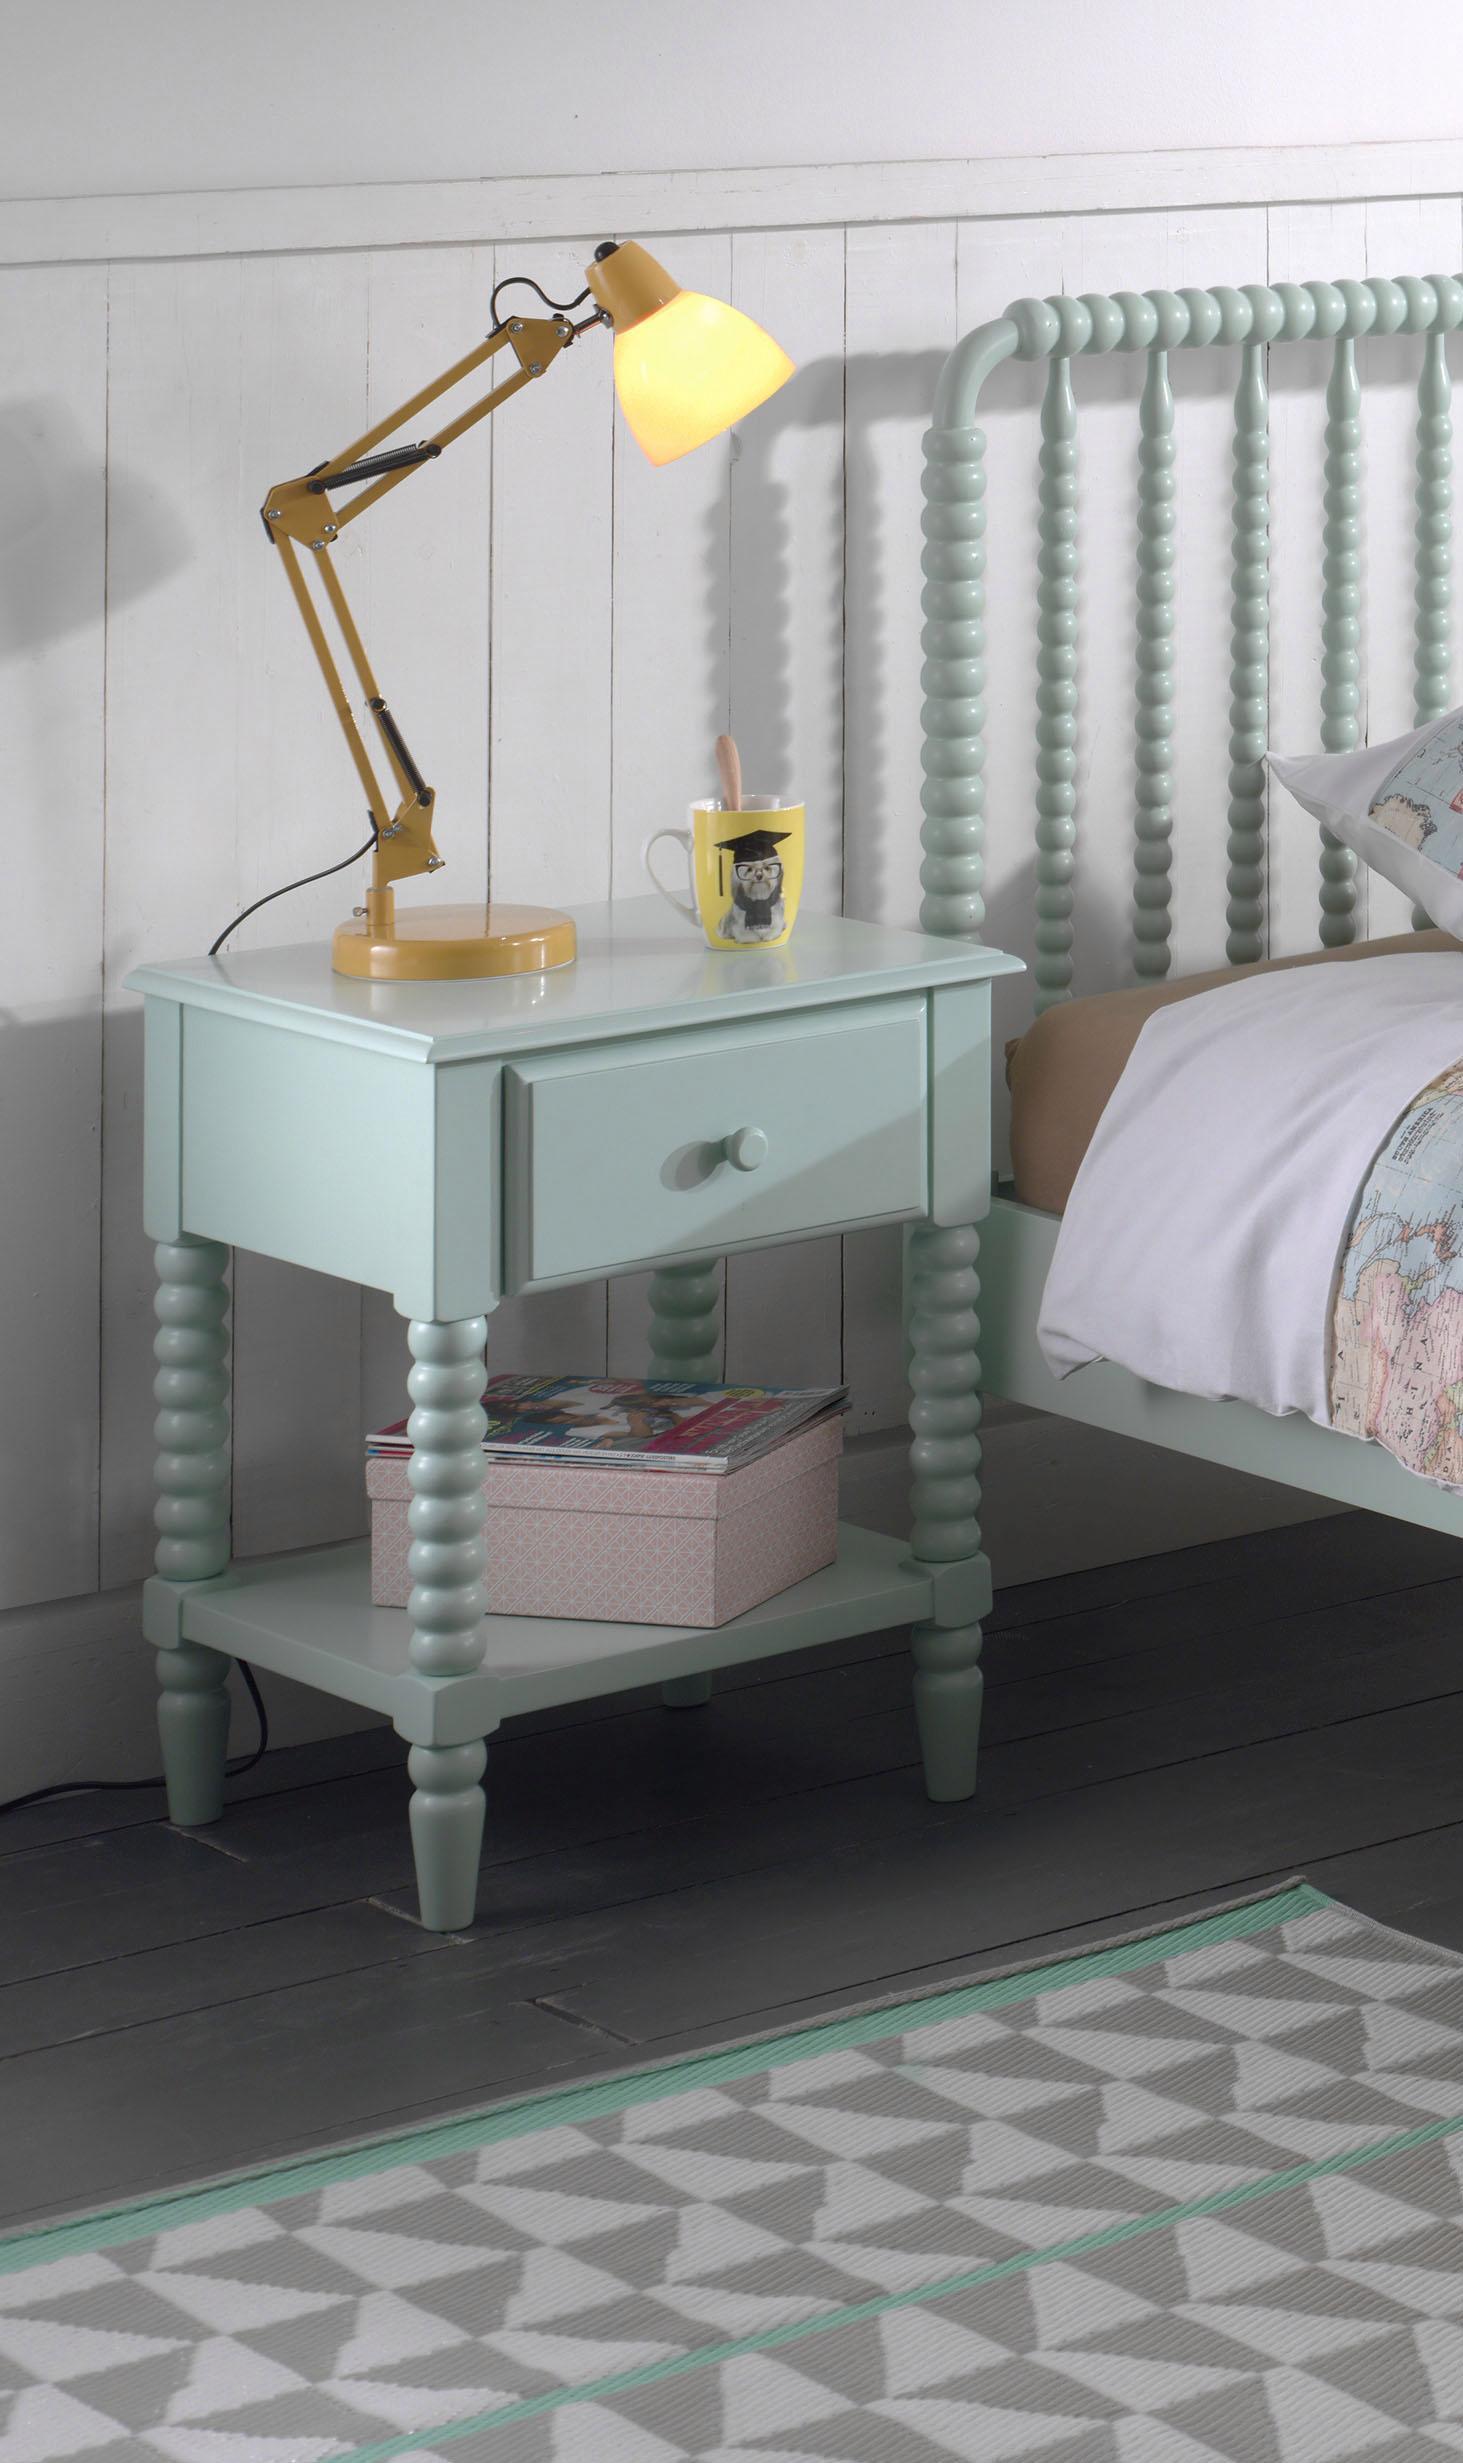 Vipack Nachttisch »Alana«, Massivholz mit MDF-Oberfläche   Schlafzimmer > Nachttische   Grün   Massivholz - Mdf - Massiver   VIPACK FURNITURE